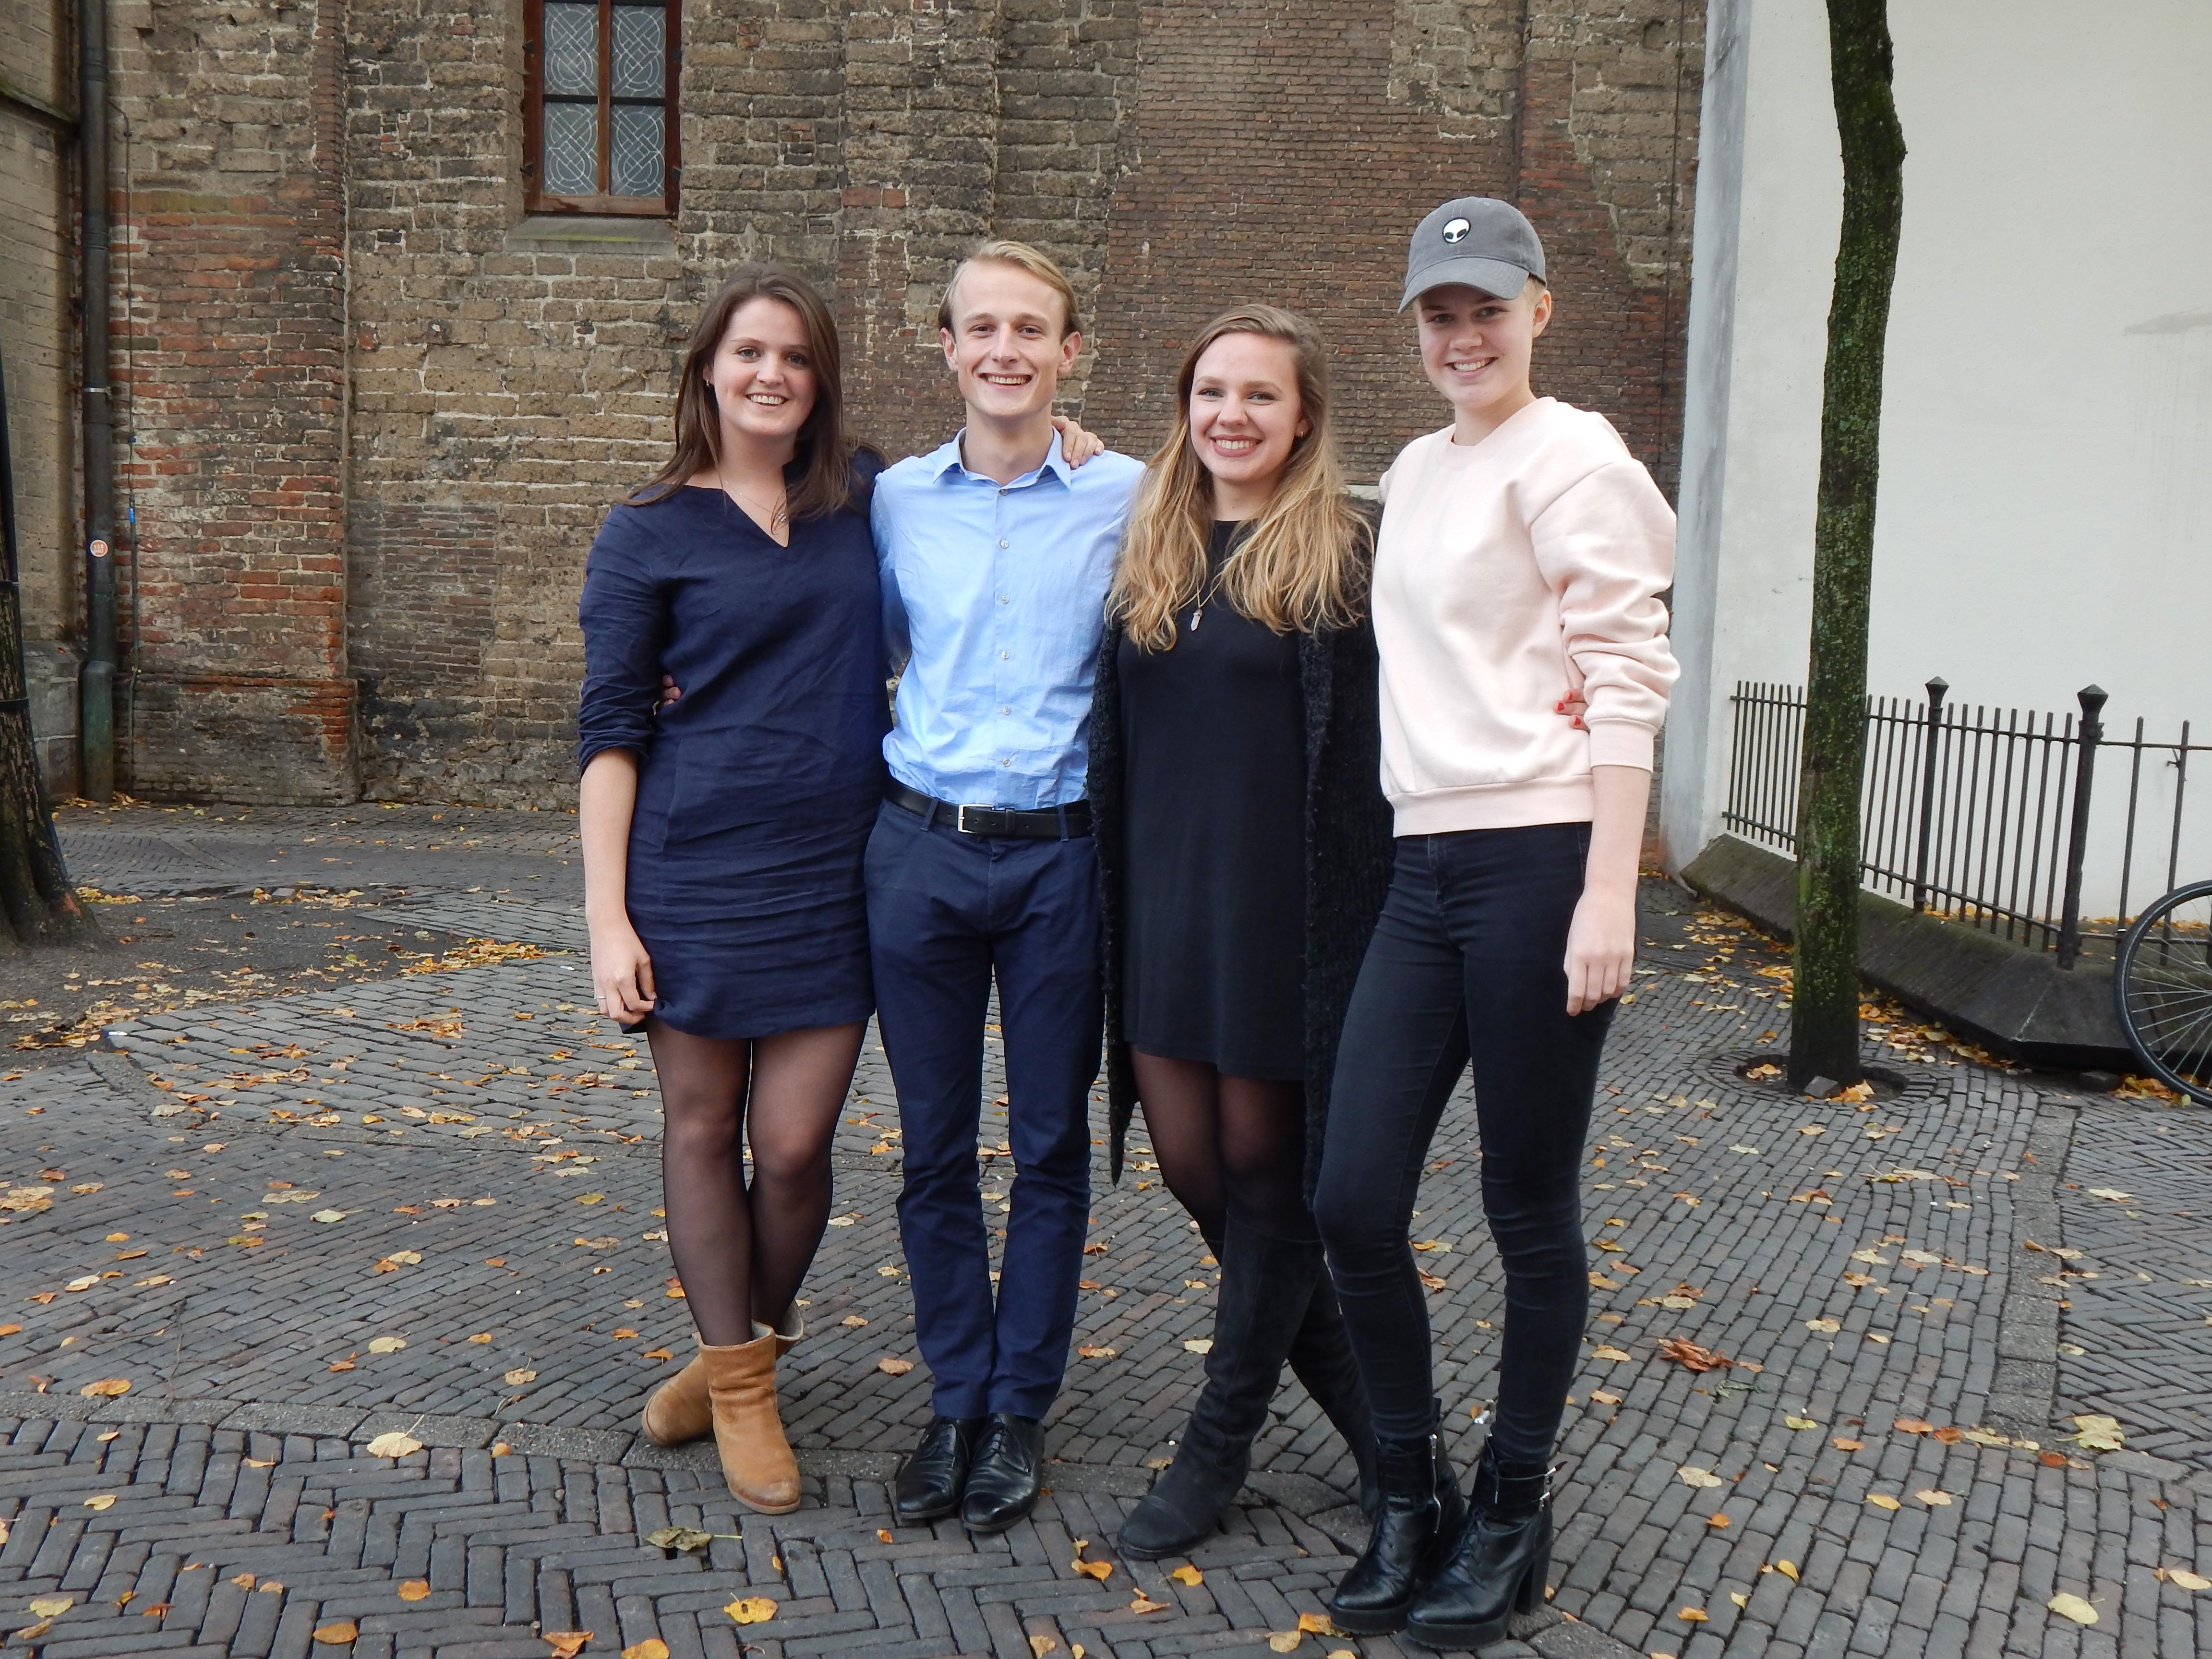 v.l.n.r. Marleen, Hugo, Eveline en Yvette